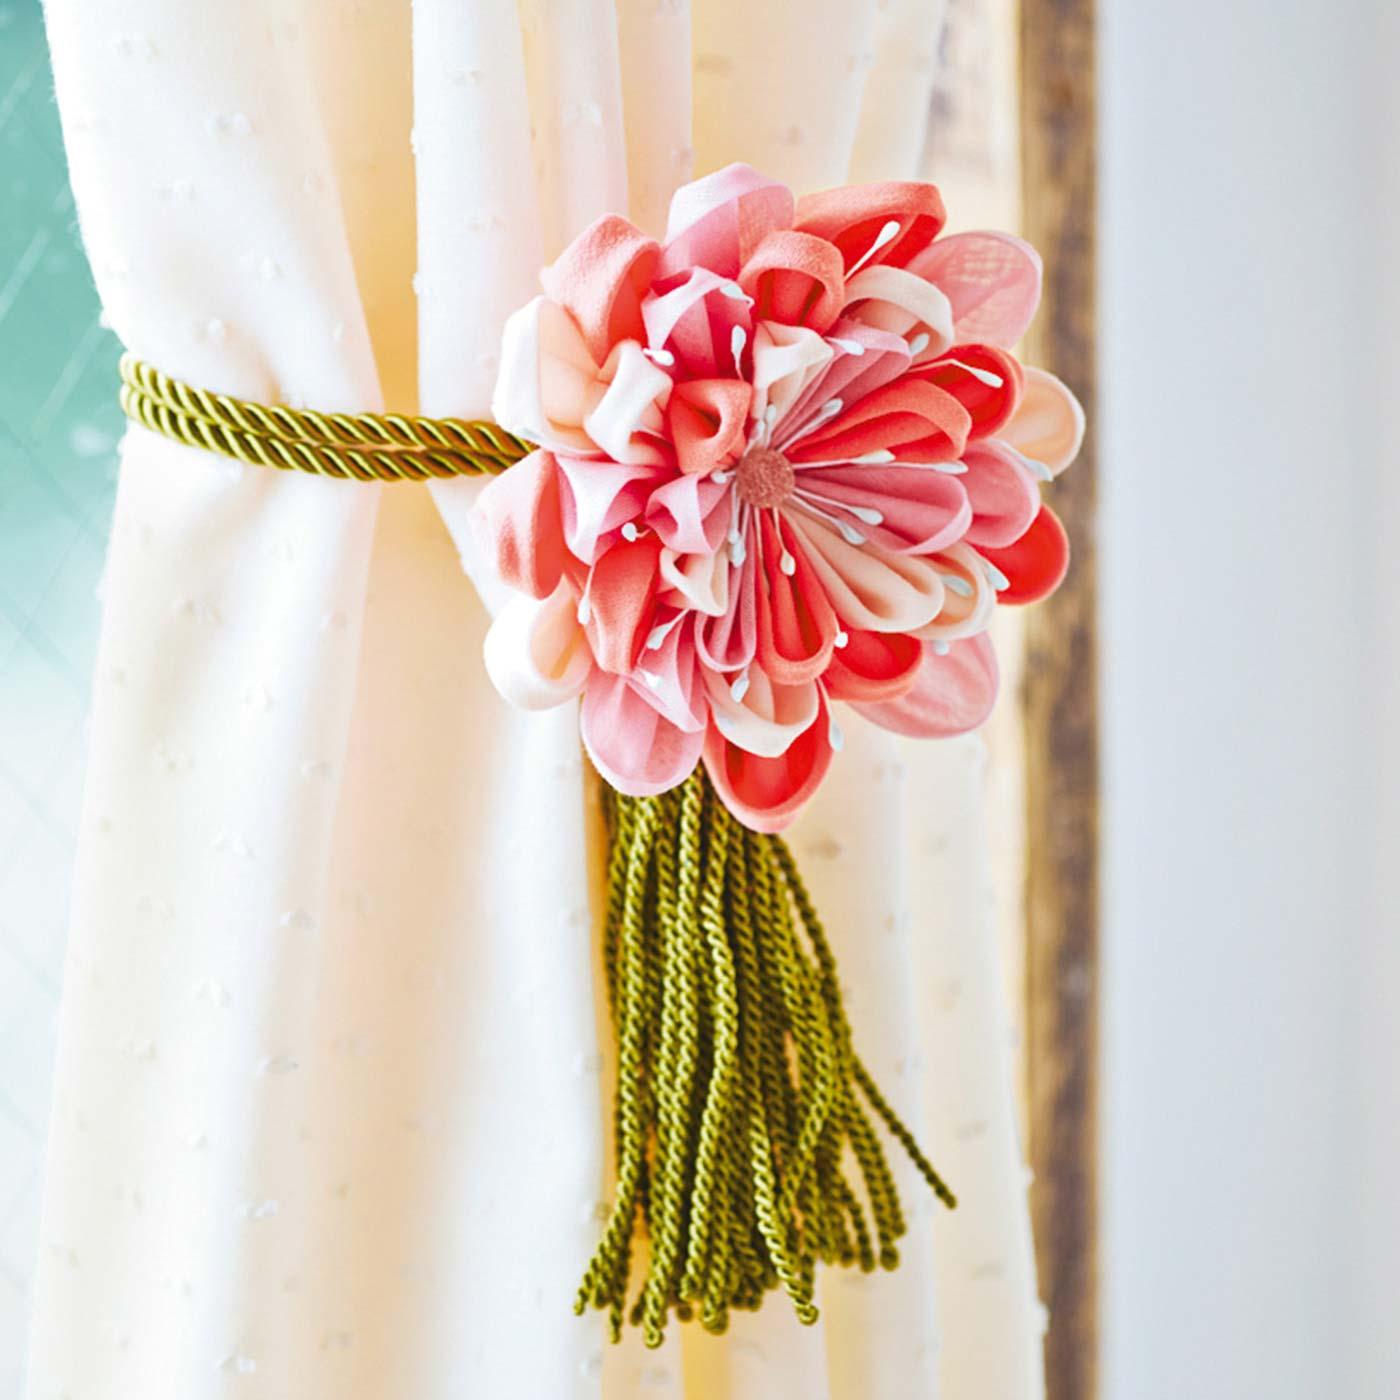 大ぶりサイズだから、リボンやひもに通してカーテンタッセルにしても。シンプルなカーテンに華やぎを添えてくれます。